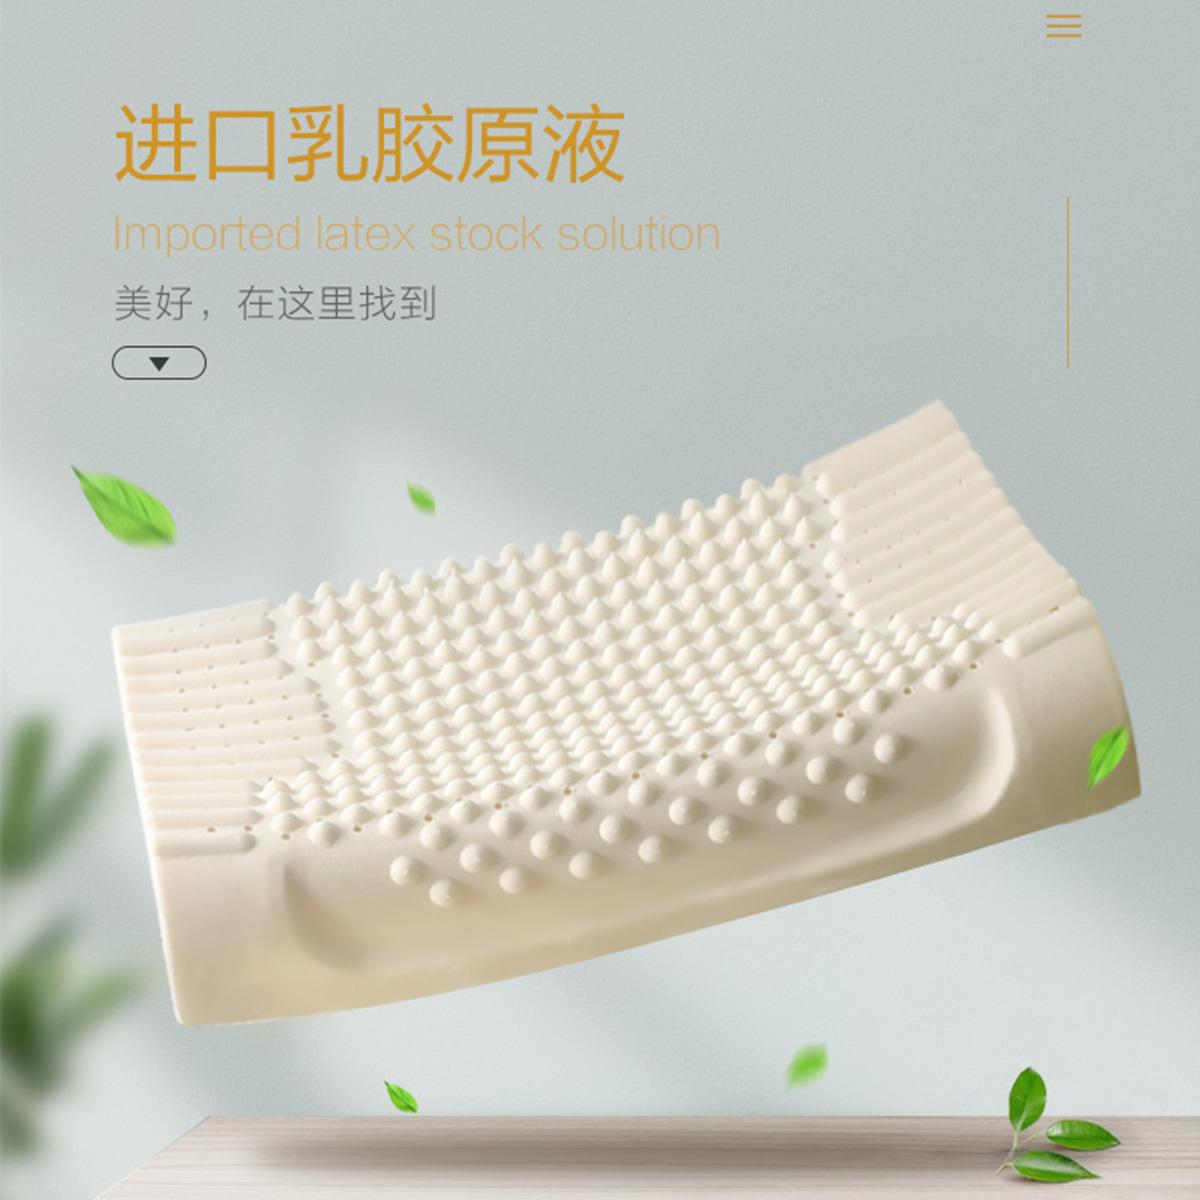 【SX专属40】 百丽丝家纺 逸享枕芯一只装